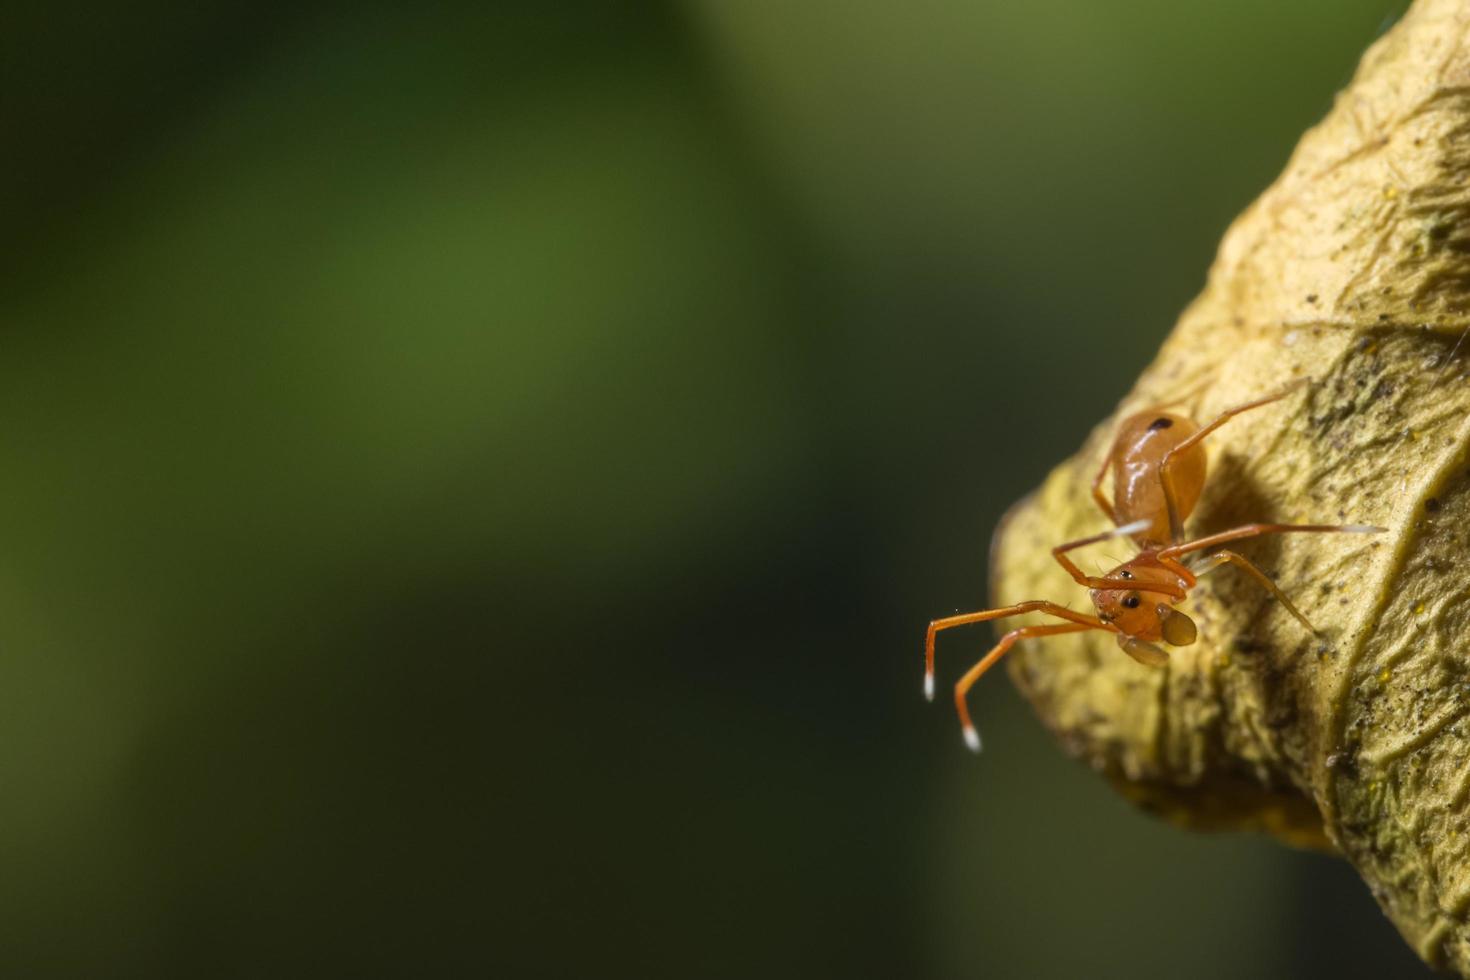 spin op een blad, close-up. foto